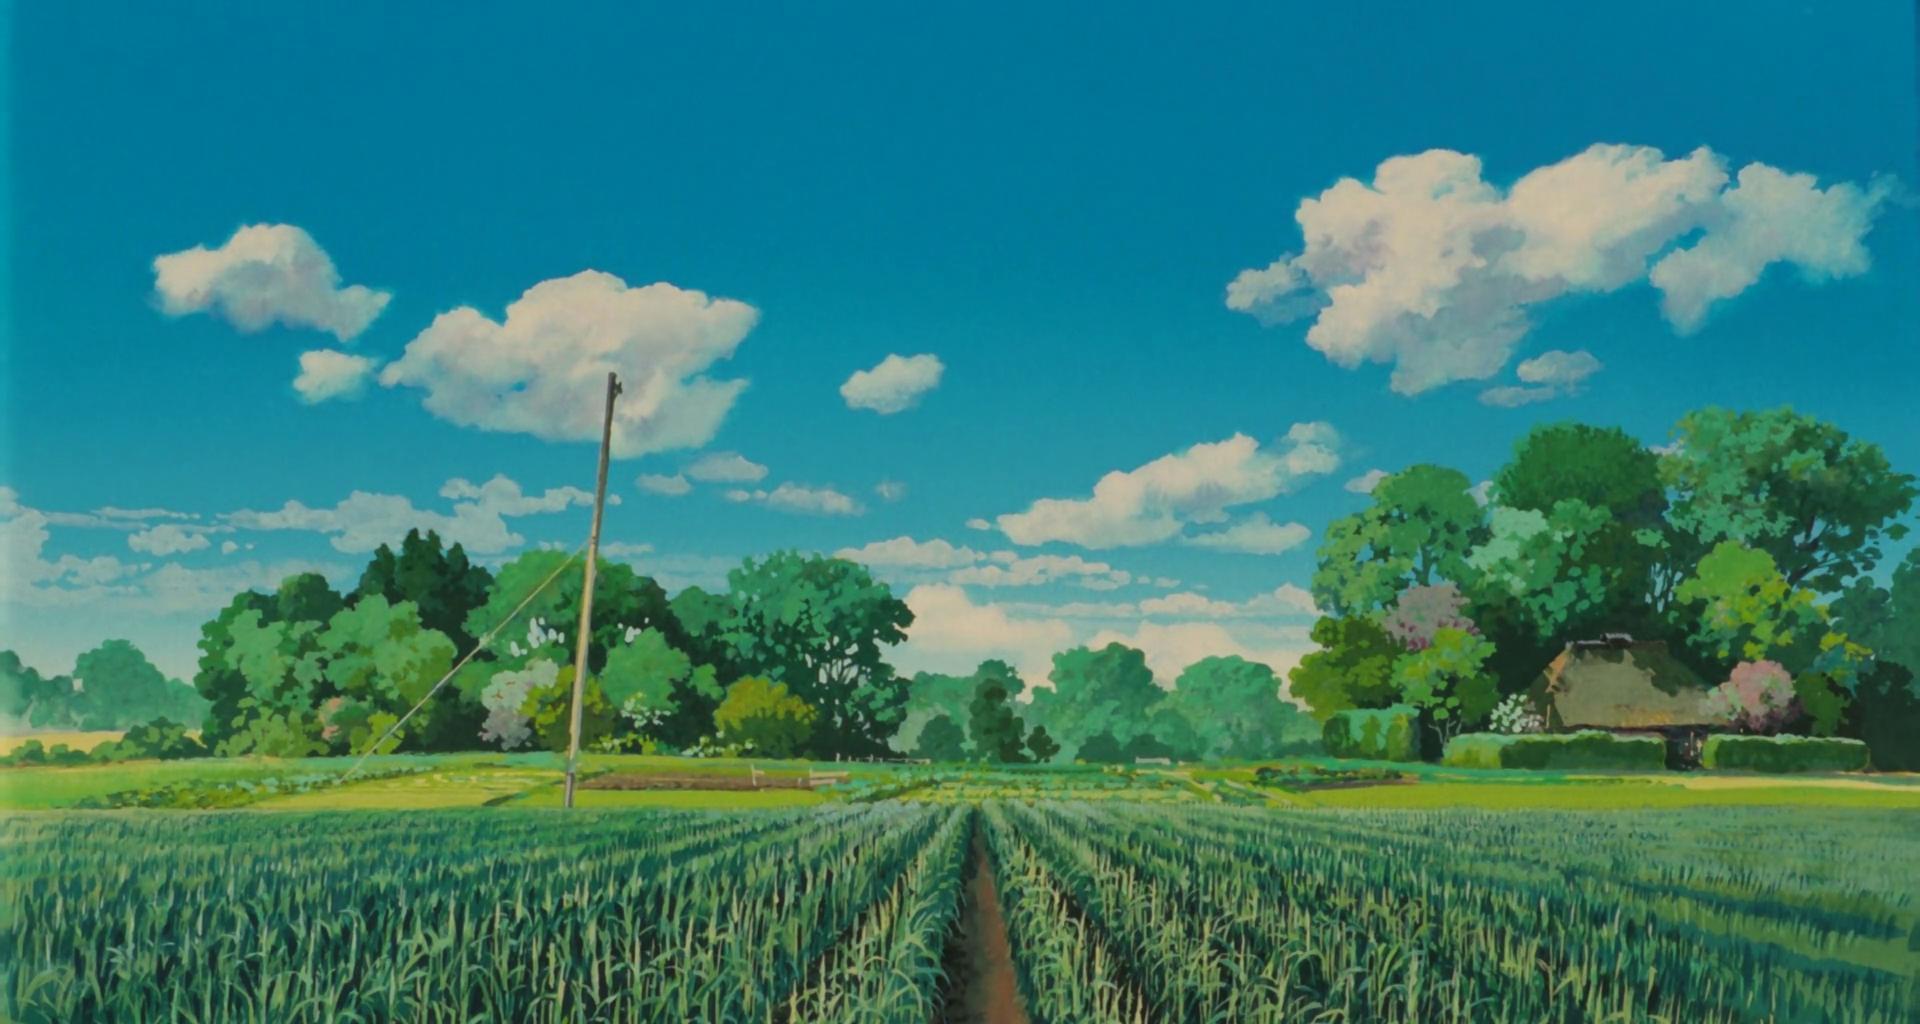 Studio Ghibli Garden Scenery Wallpapers - Top Free Studio ...